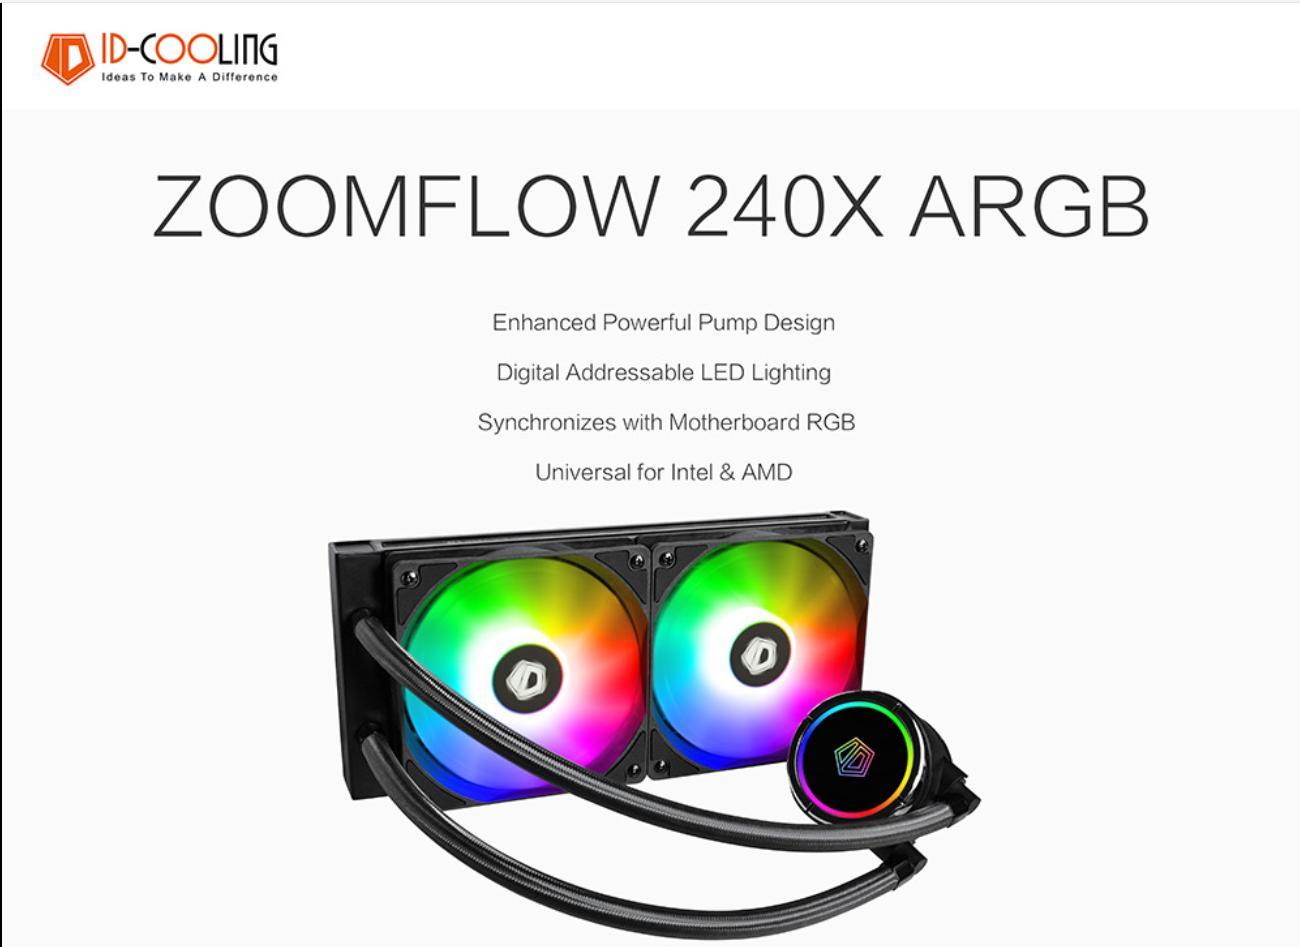 Tổng quan Tản Nhiệt Nước ID-Cooling ZOOMFLOW 240X ARGB